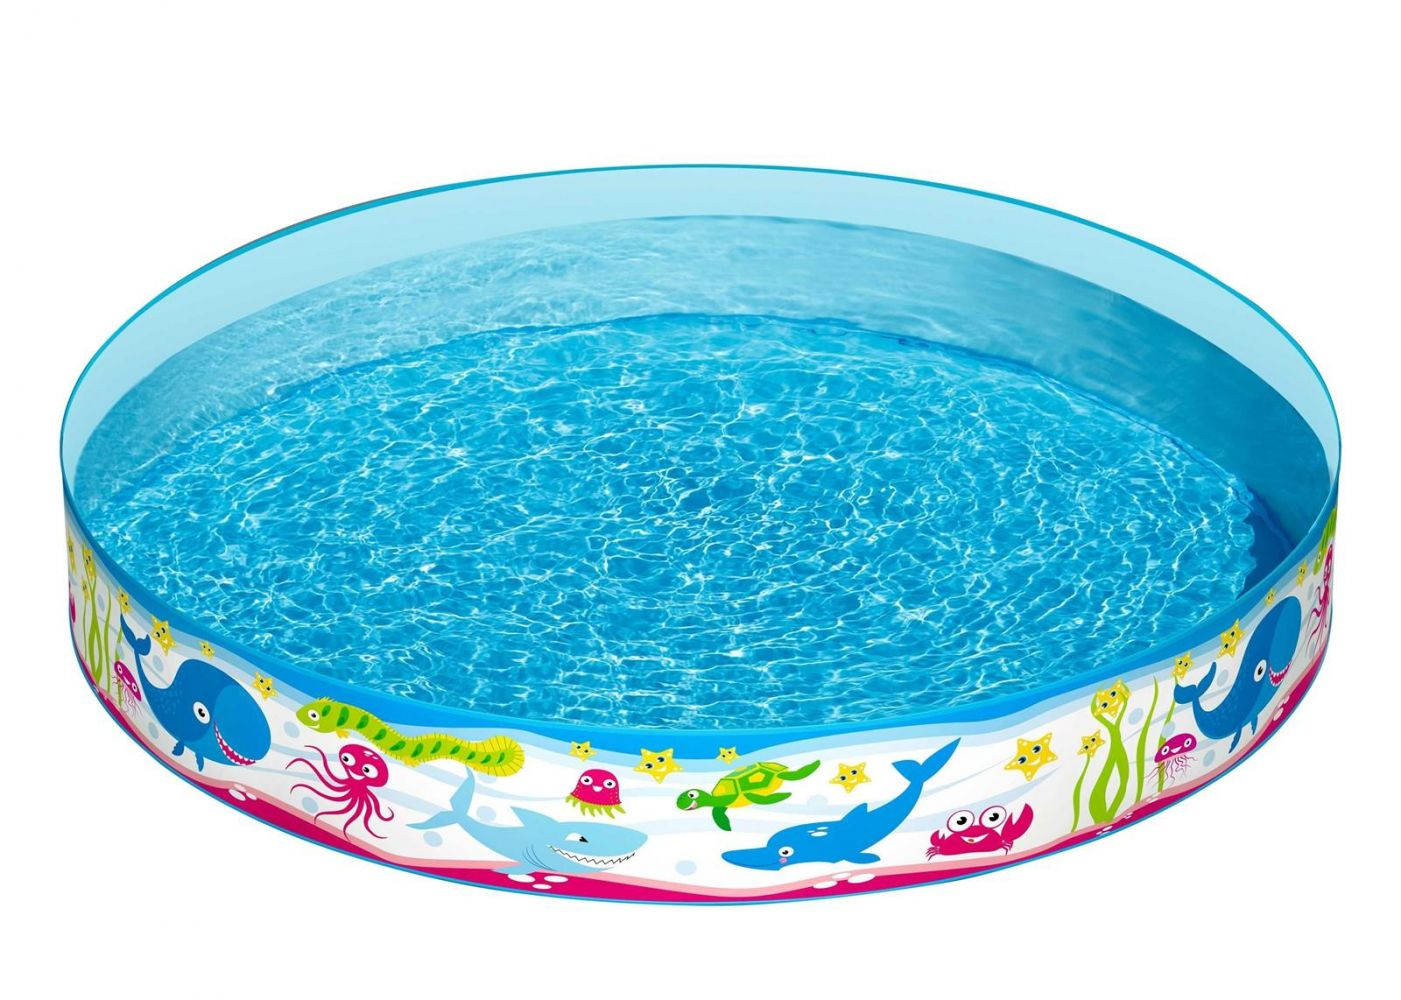 """Bestway 'Fill'N Fun """"Unterwasserwelt""""' Planschbecken, Ø 152 x 25 cm, ab 2 Jahren, 435 Liter Wasserkapazität Bild 1"""